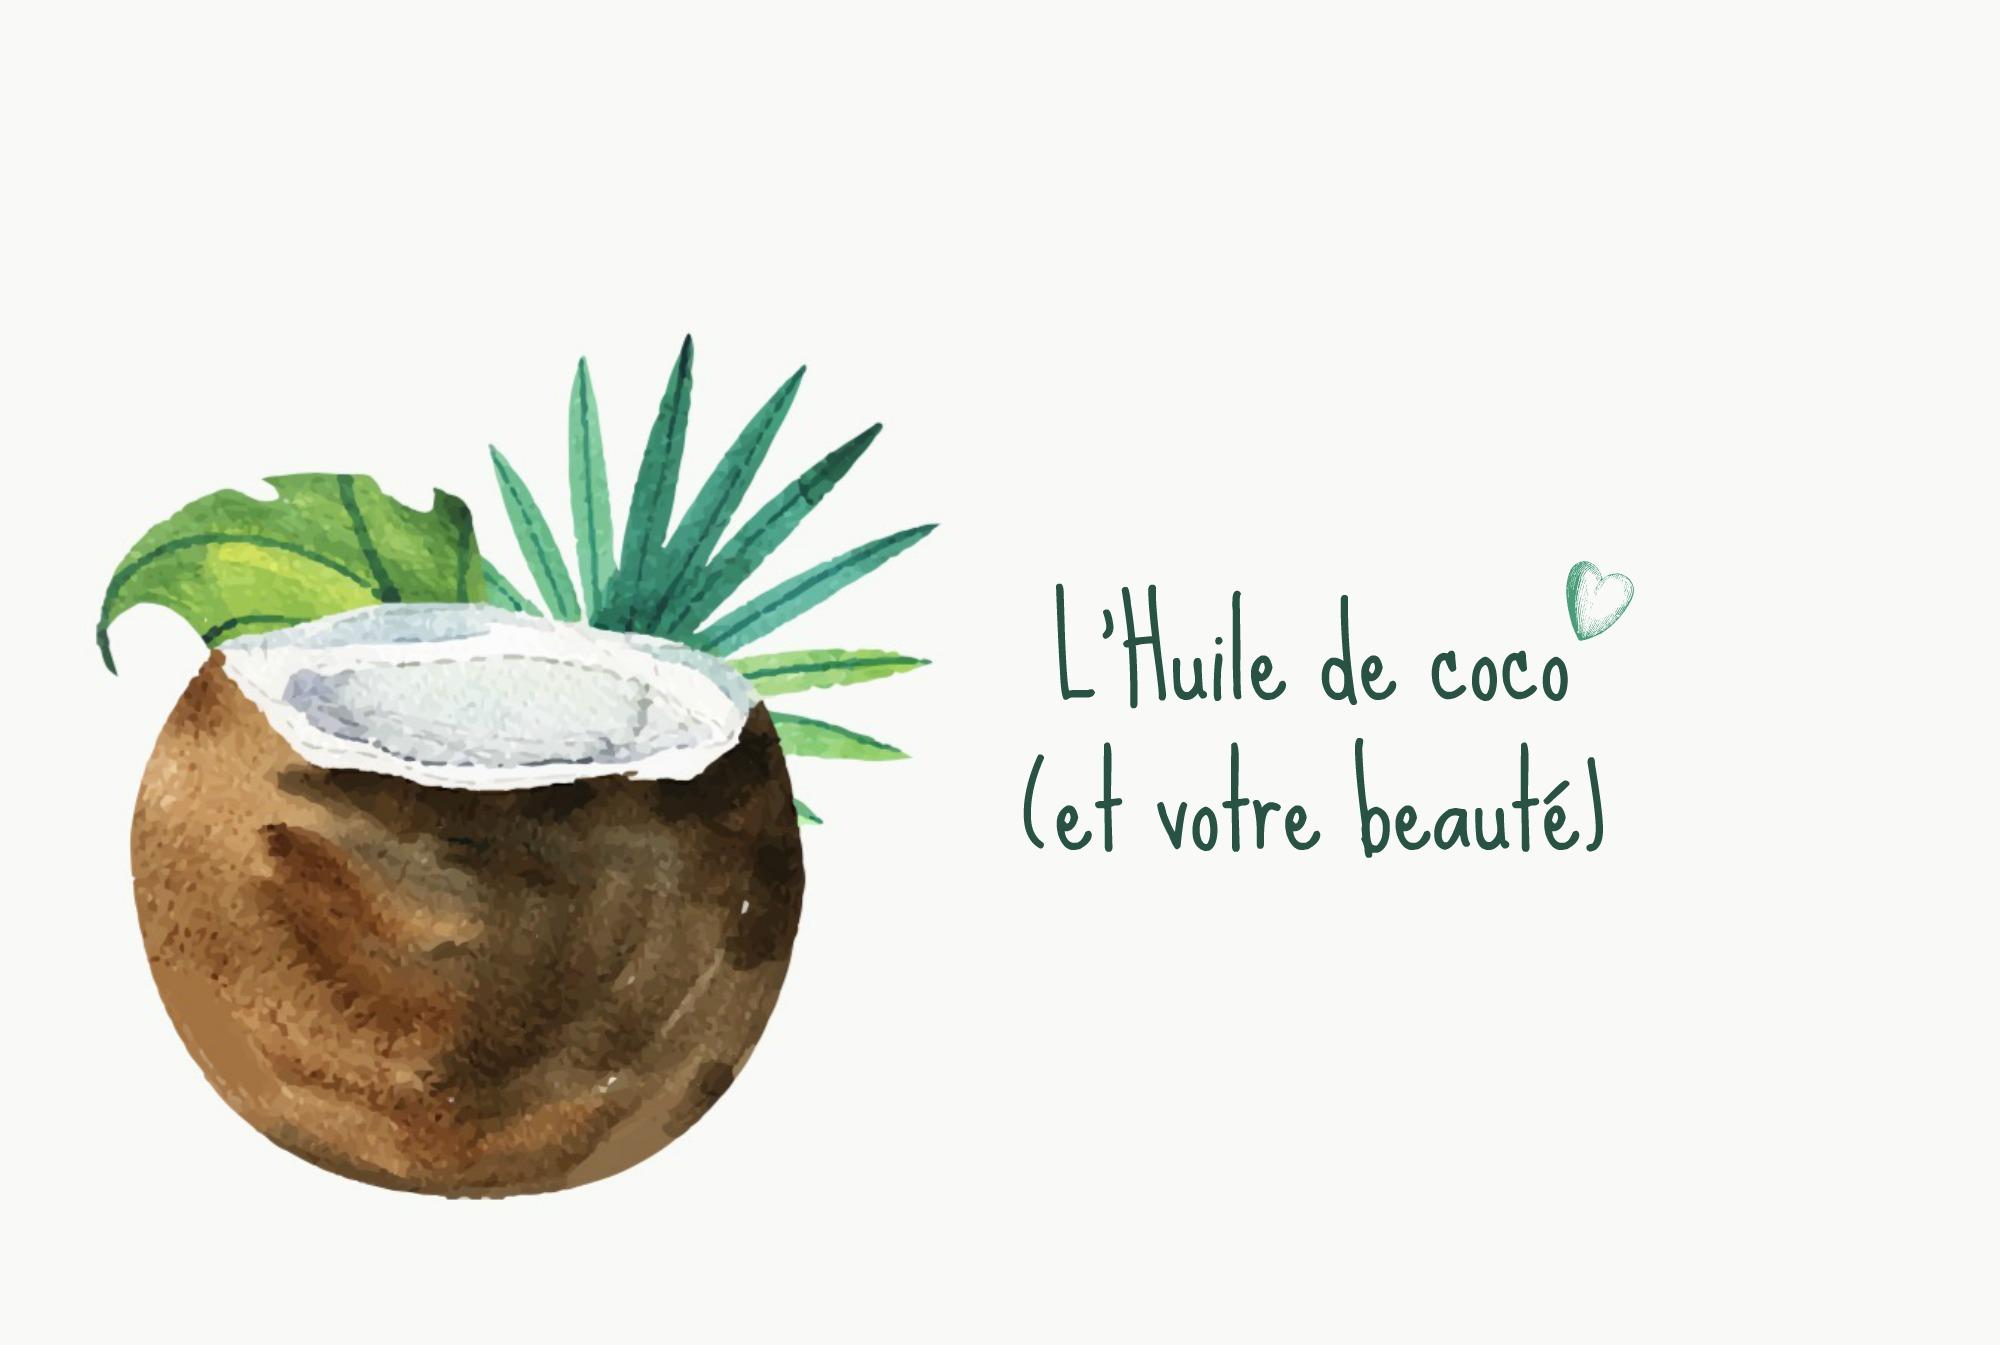 Comment utiliser l'huile de coco sur votre peau et vos cheveux ?